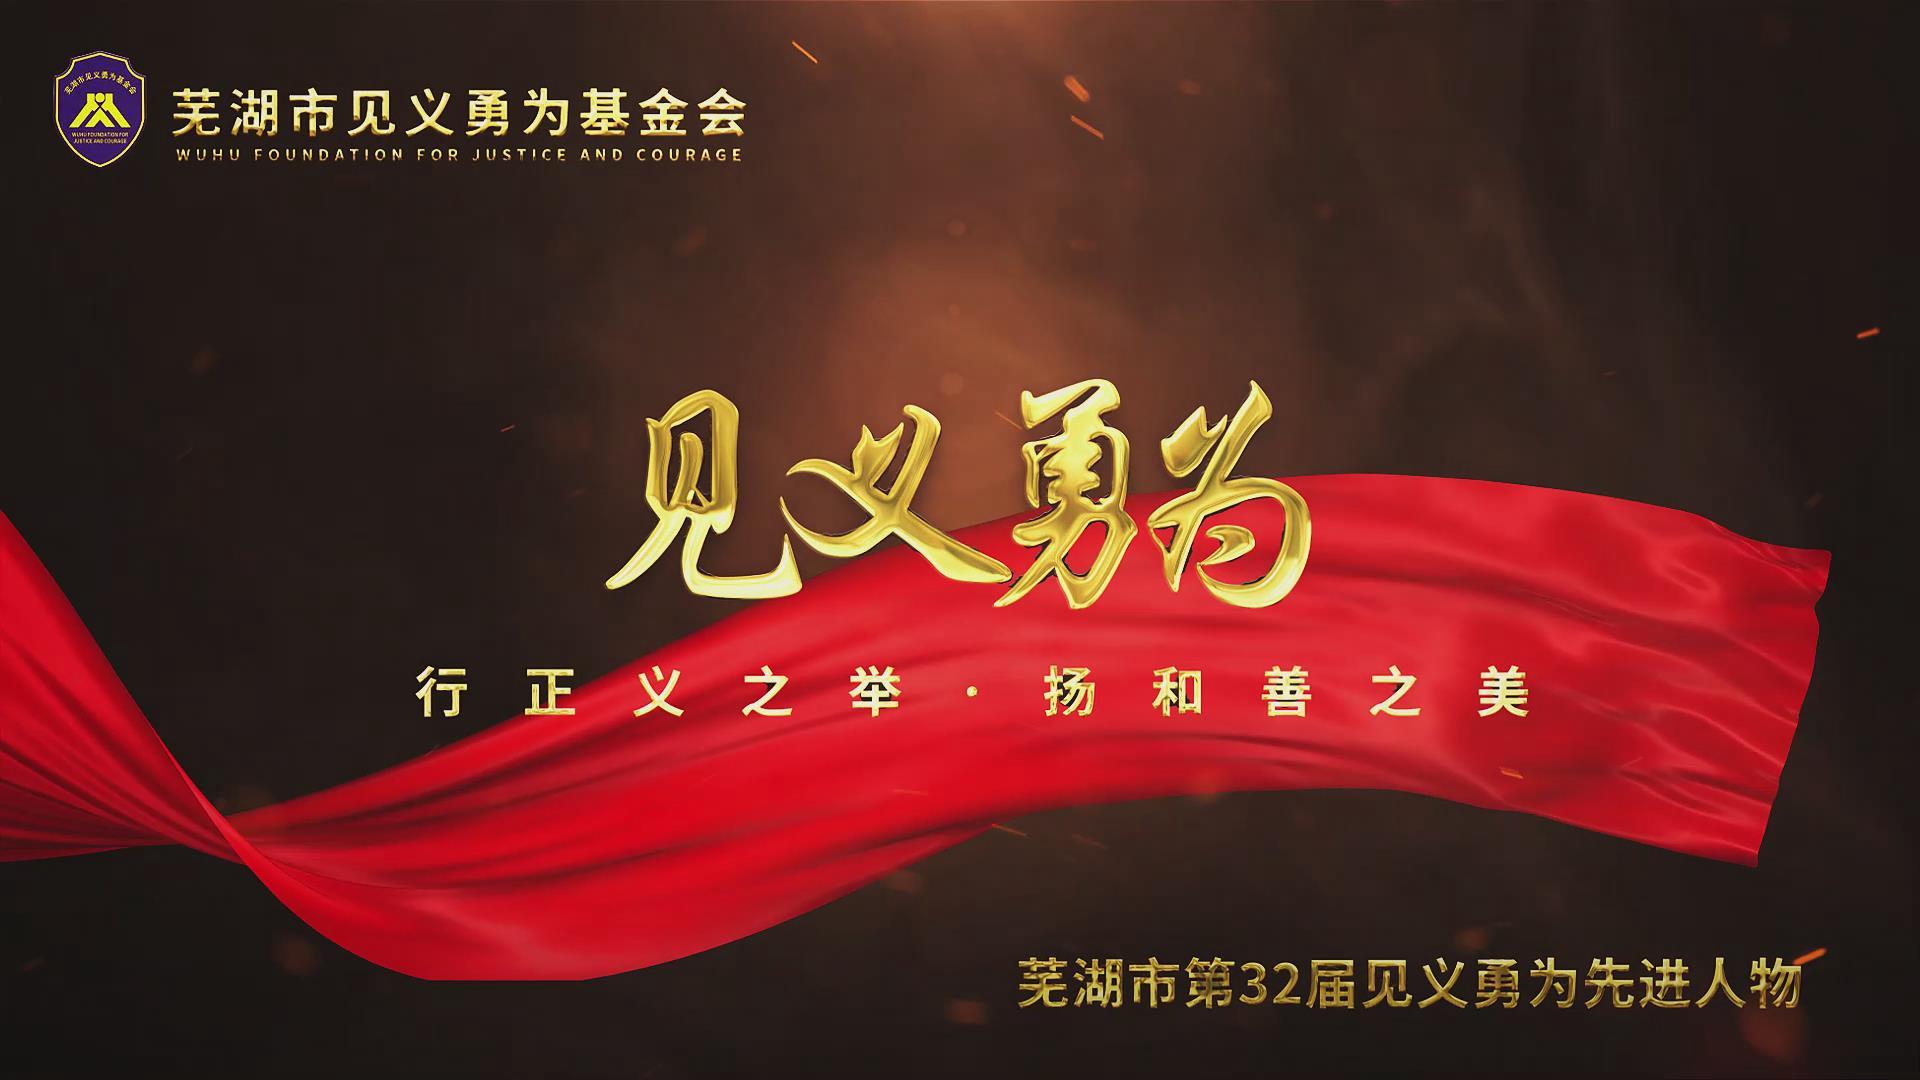 芜湖市第32届见义勇为先进人物事迹展播 —— 王庆保